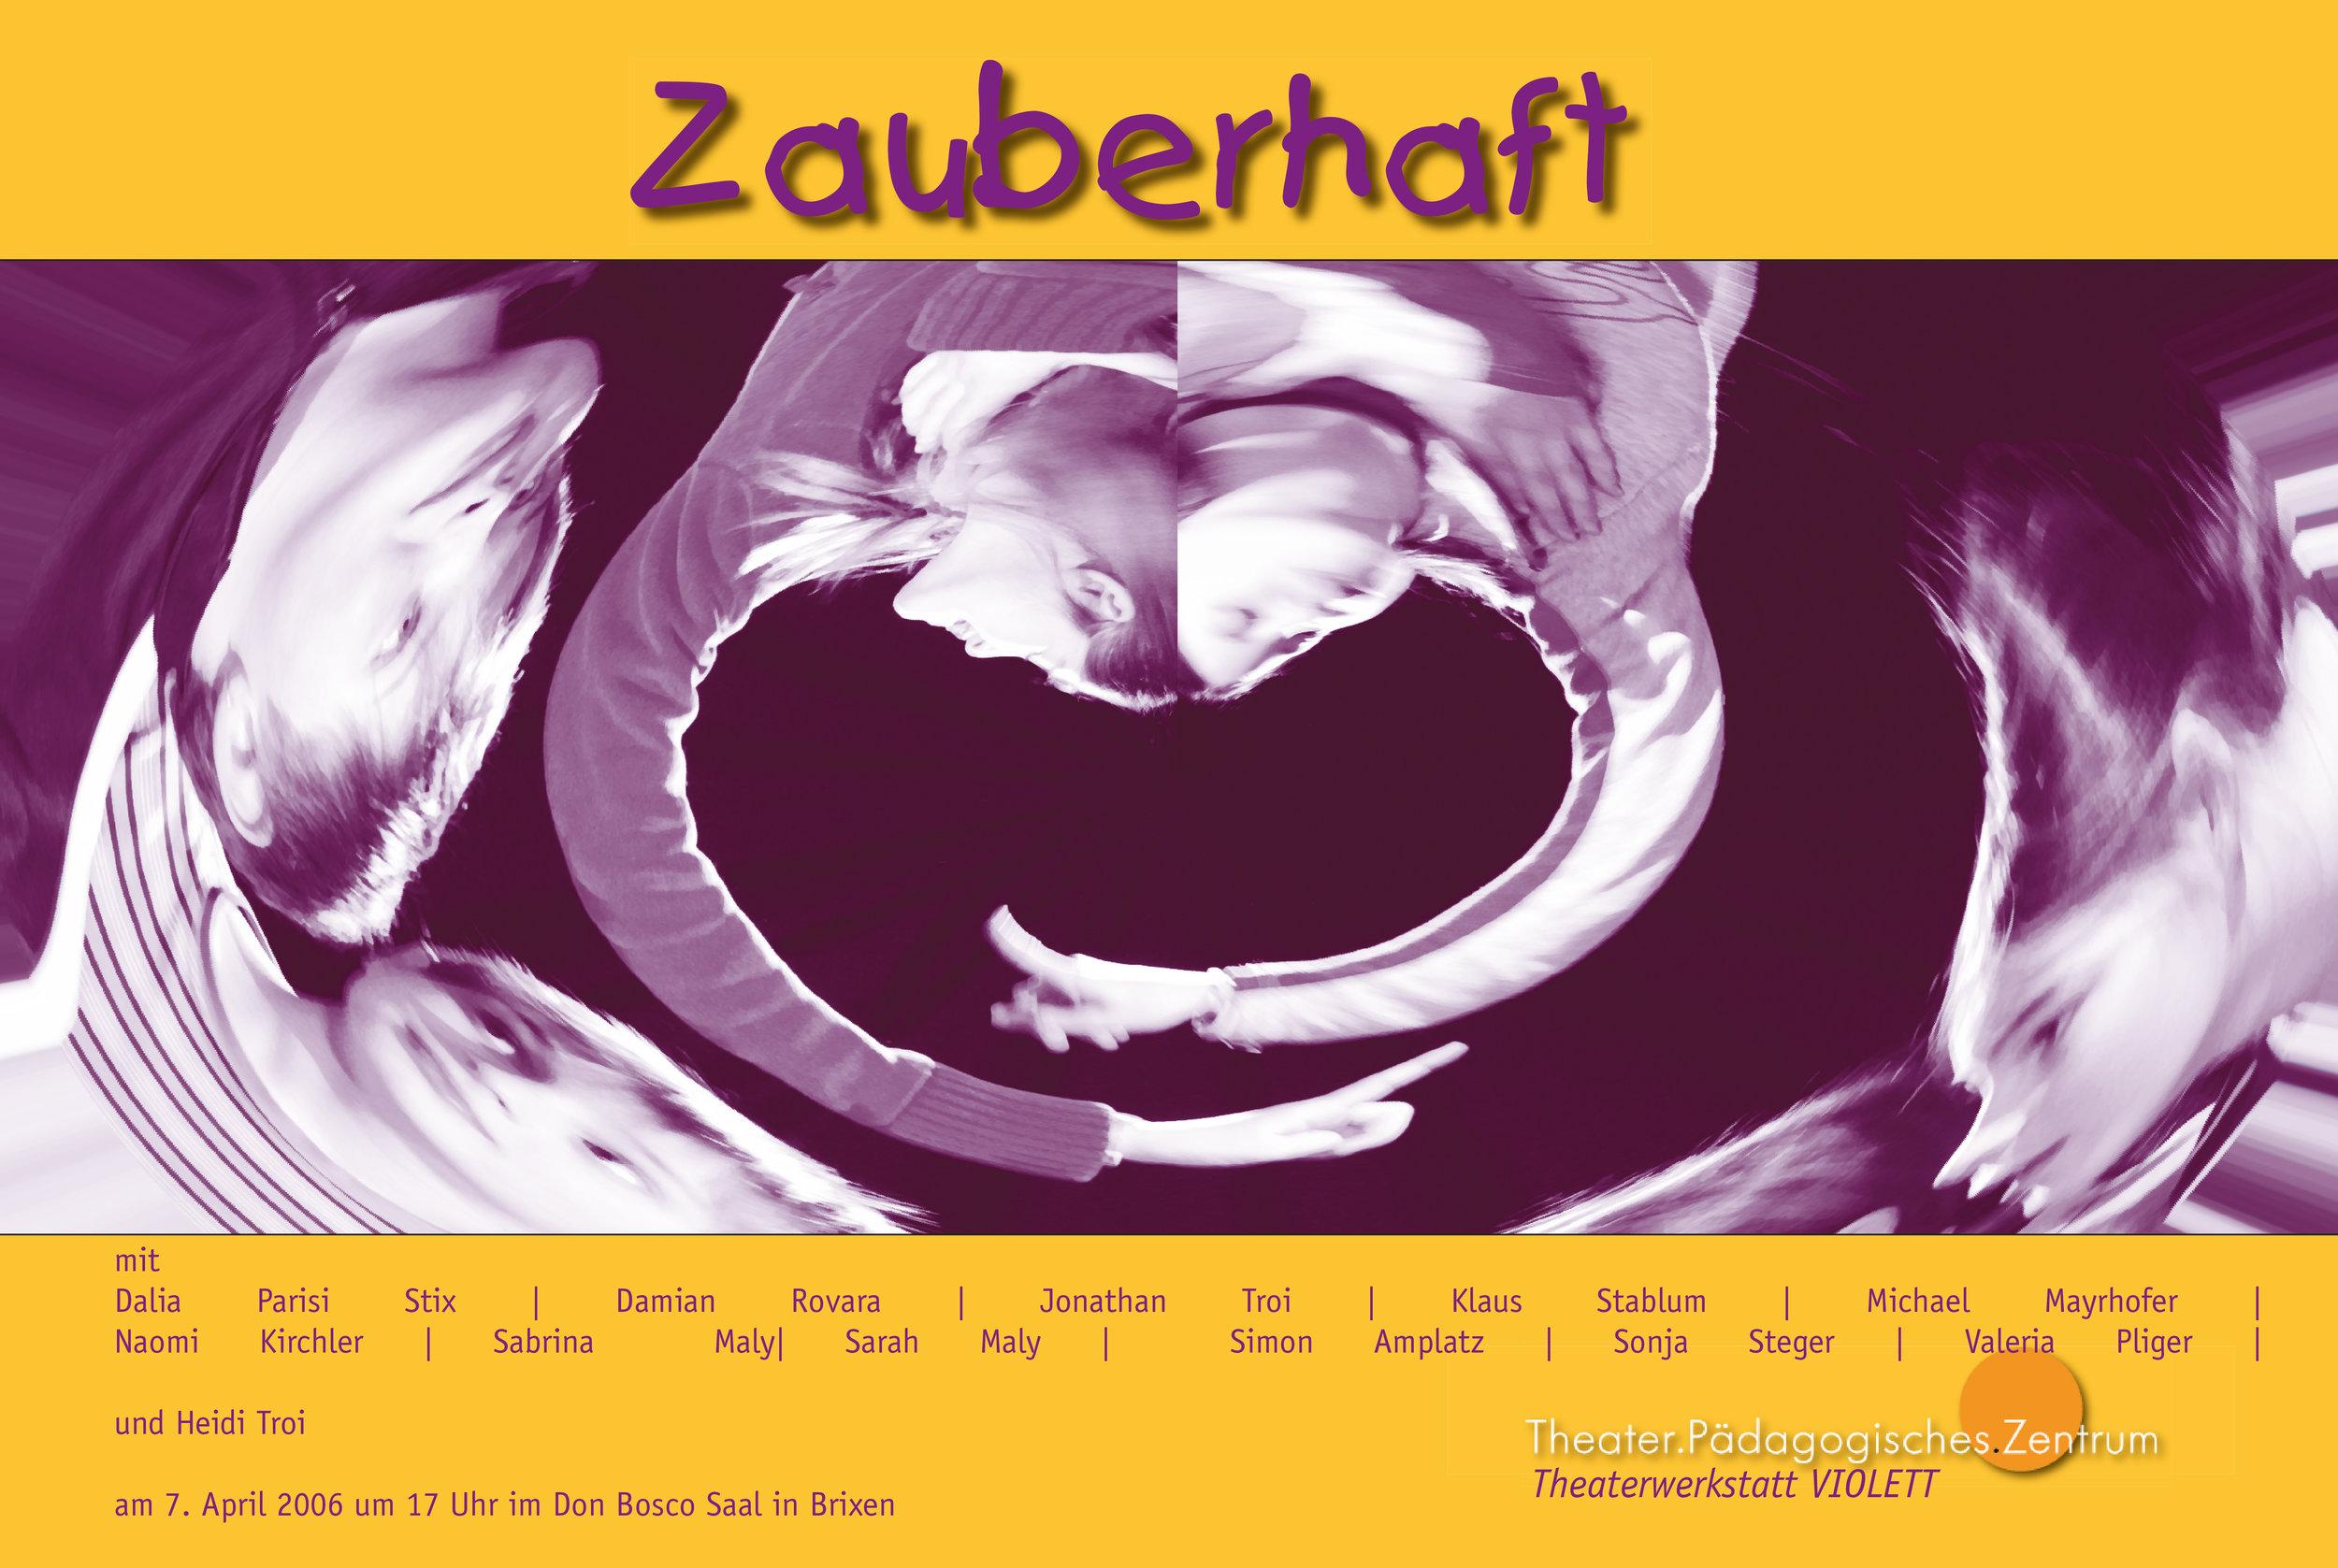 2006 violett Zauberhaft Plakat.jpg